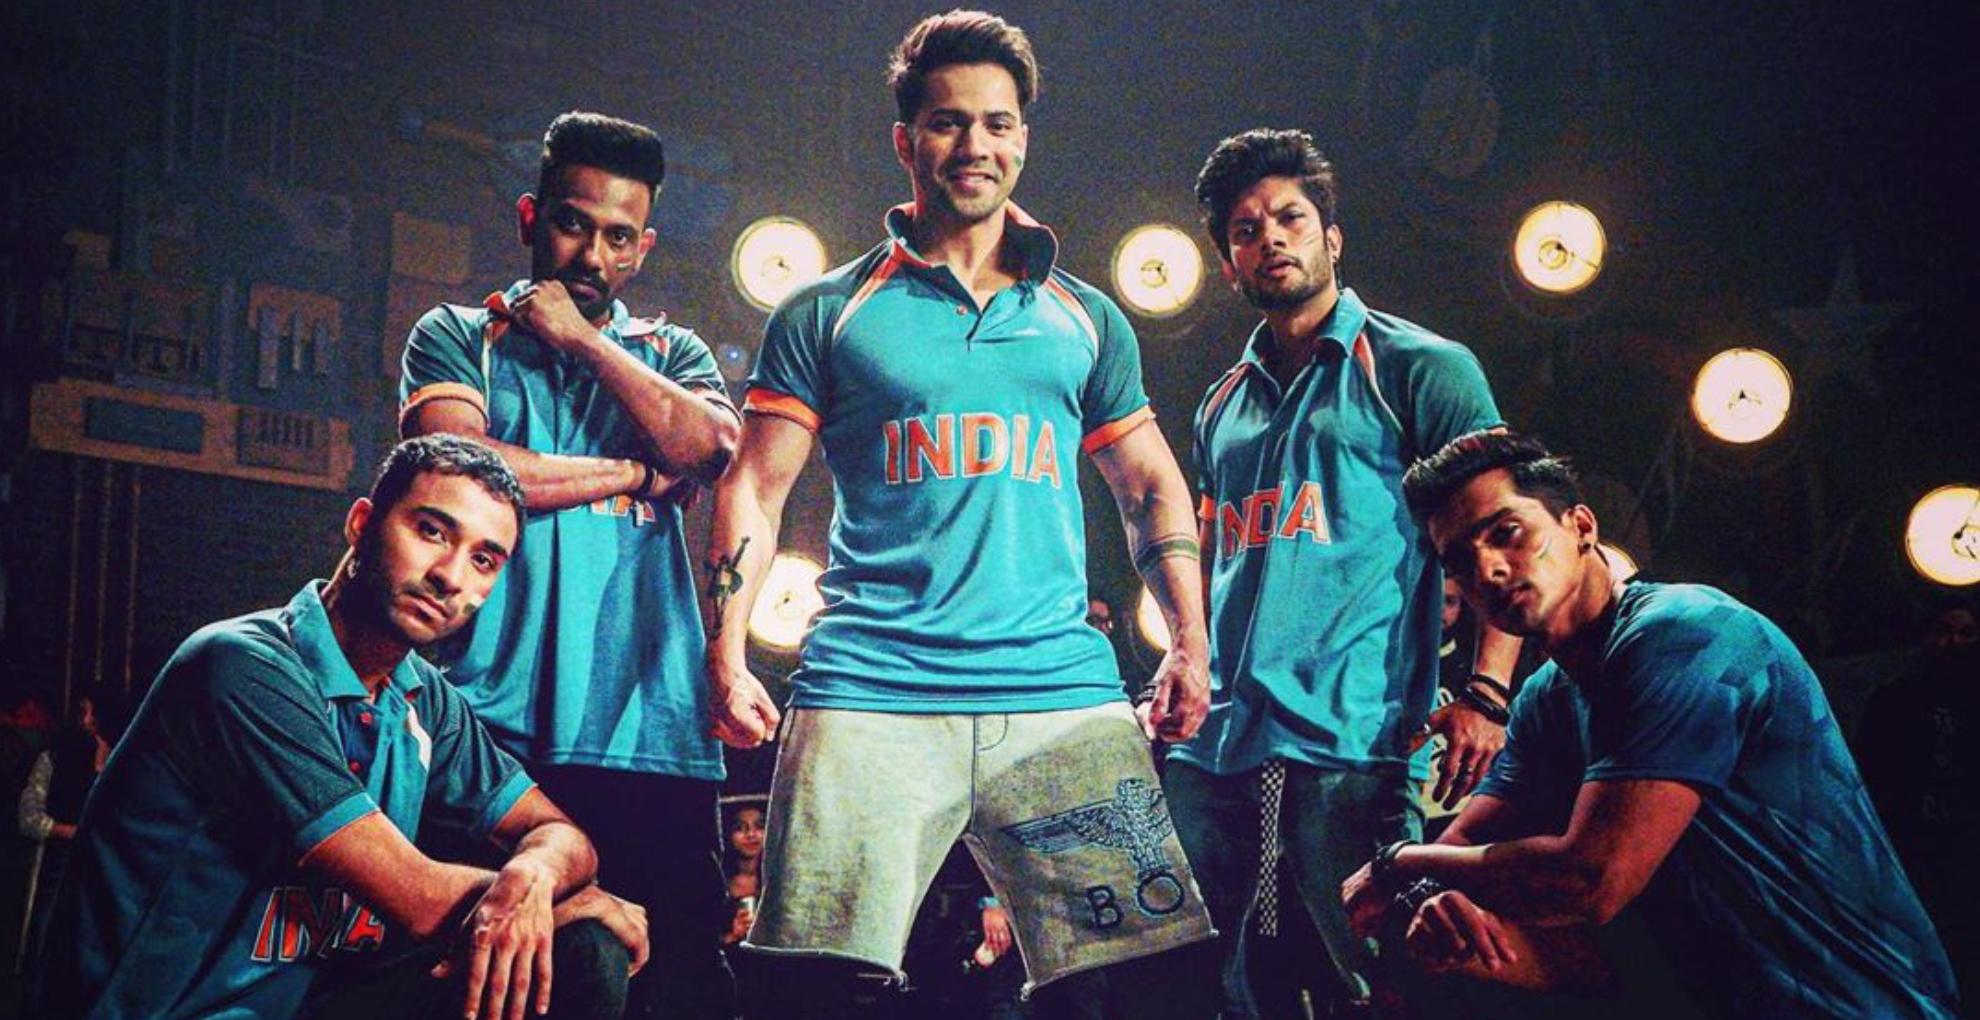 वरुण धवन पर भी चढ़ा वर्ल्ड कप का खुमार, स्ट्रीट डांसर 3 के कास्ट संग टीम इंडिया को यूं चीयर करते नजर आए एक्टर